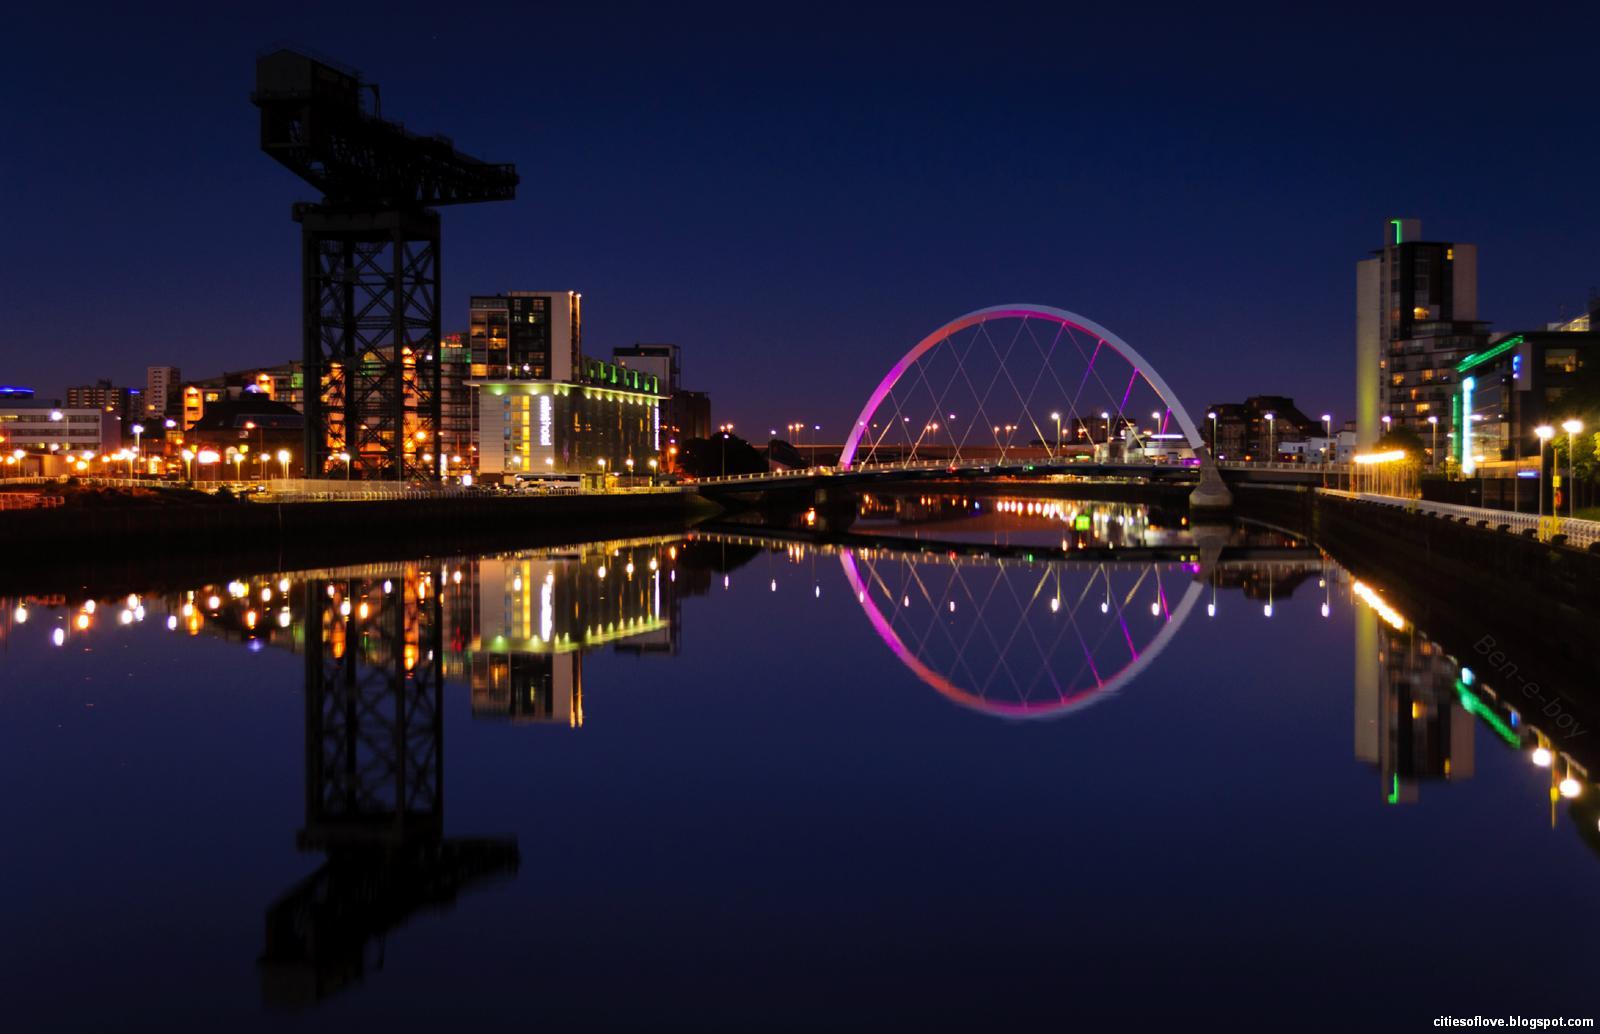 Glasgow_Beautiful_Scottish_Evening_Scotland_Hd_Desktop_Wallpaper_citiesoflove.blogspot.com.jpg